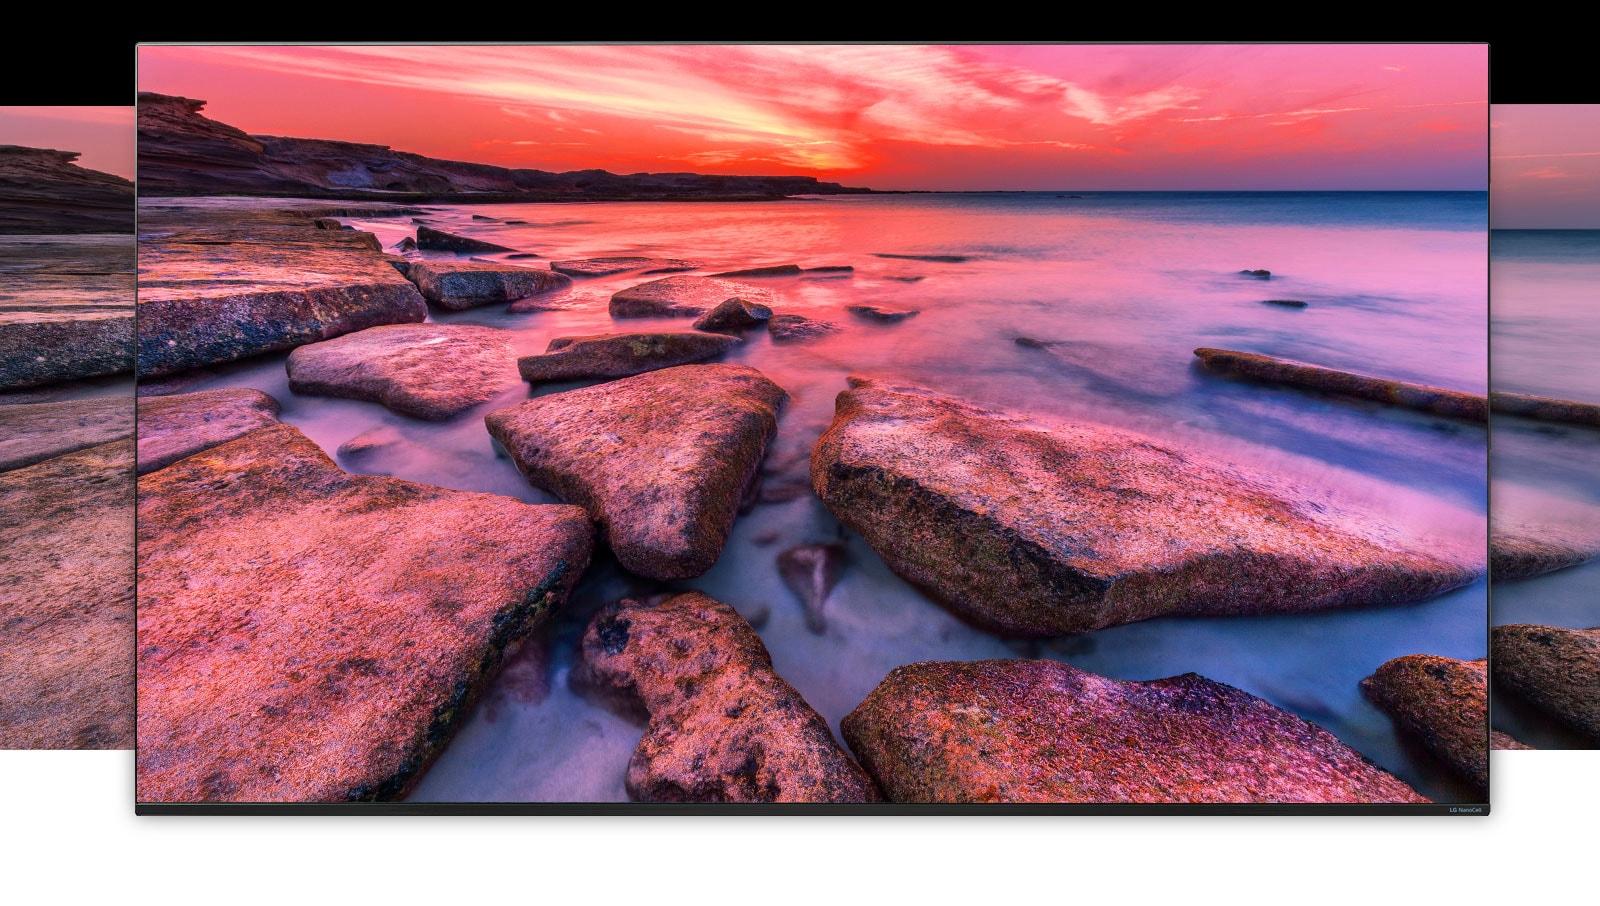 TV-képernyőn megjelenő természeti tájkép